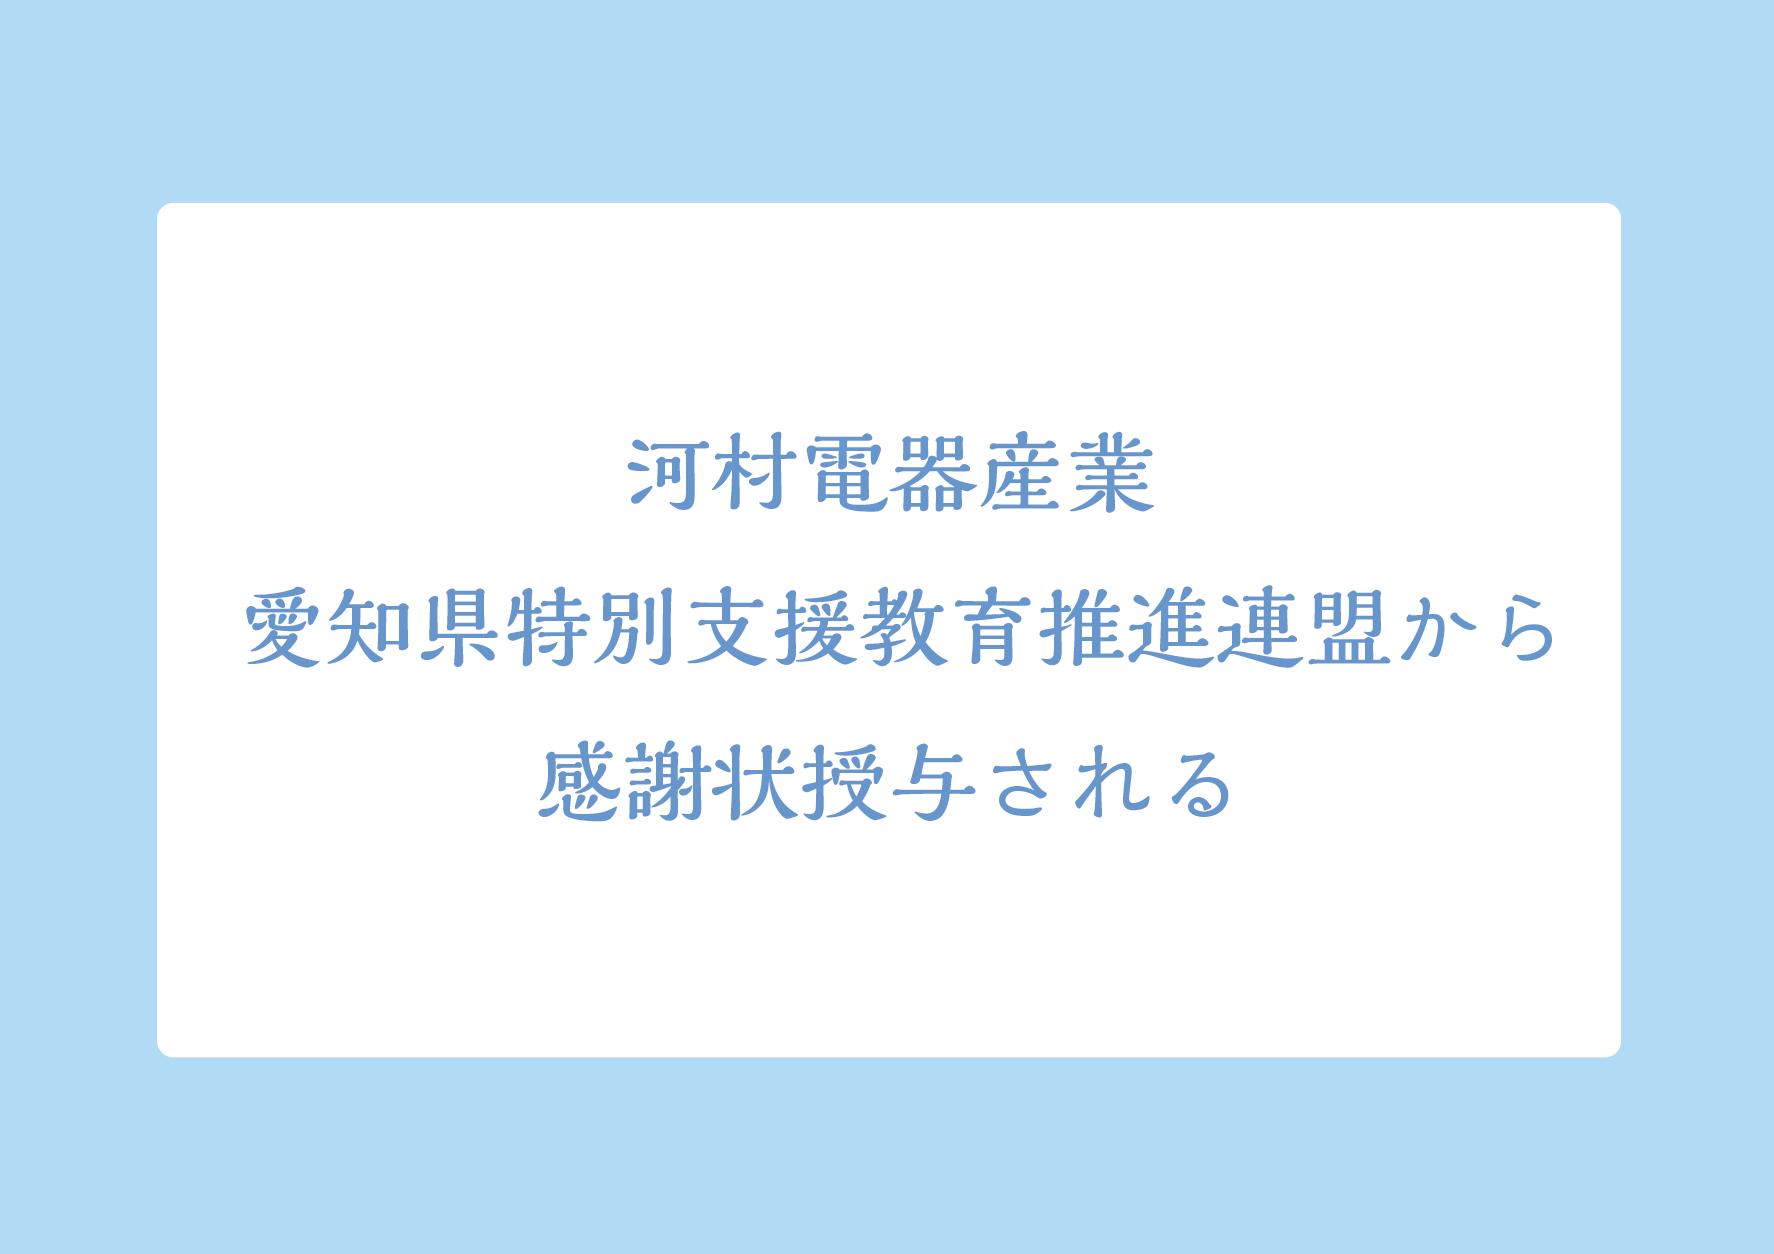 【河村電器産業】愛知県特別支援教育推進連盟から感謝状授与されるの画像